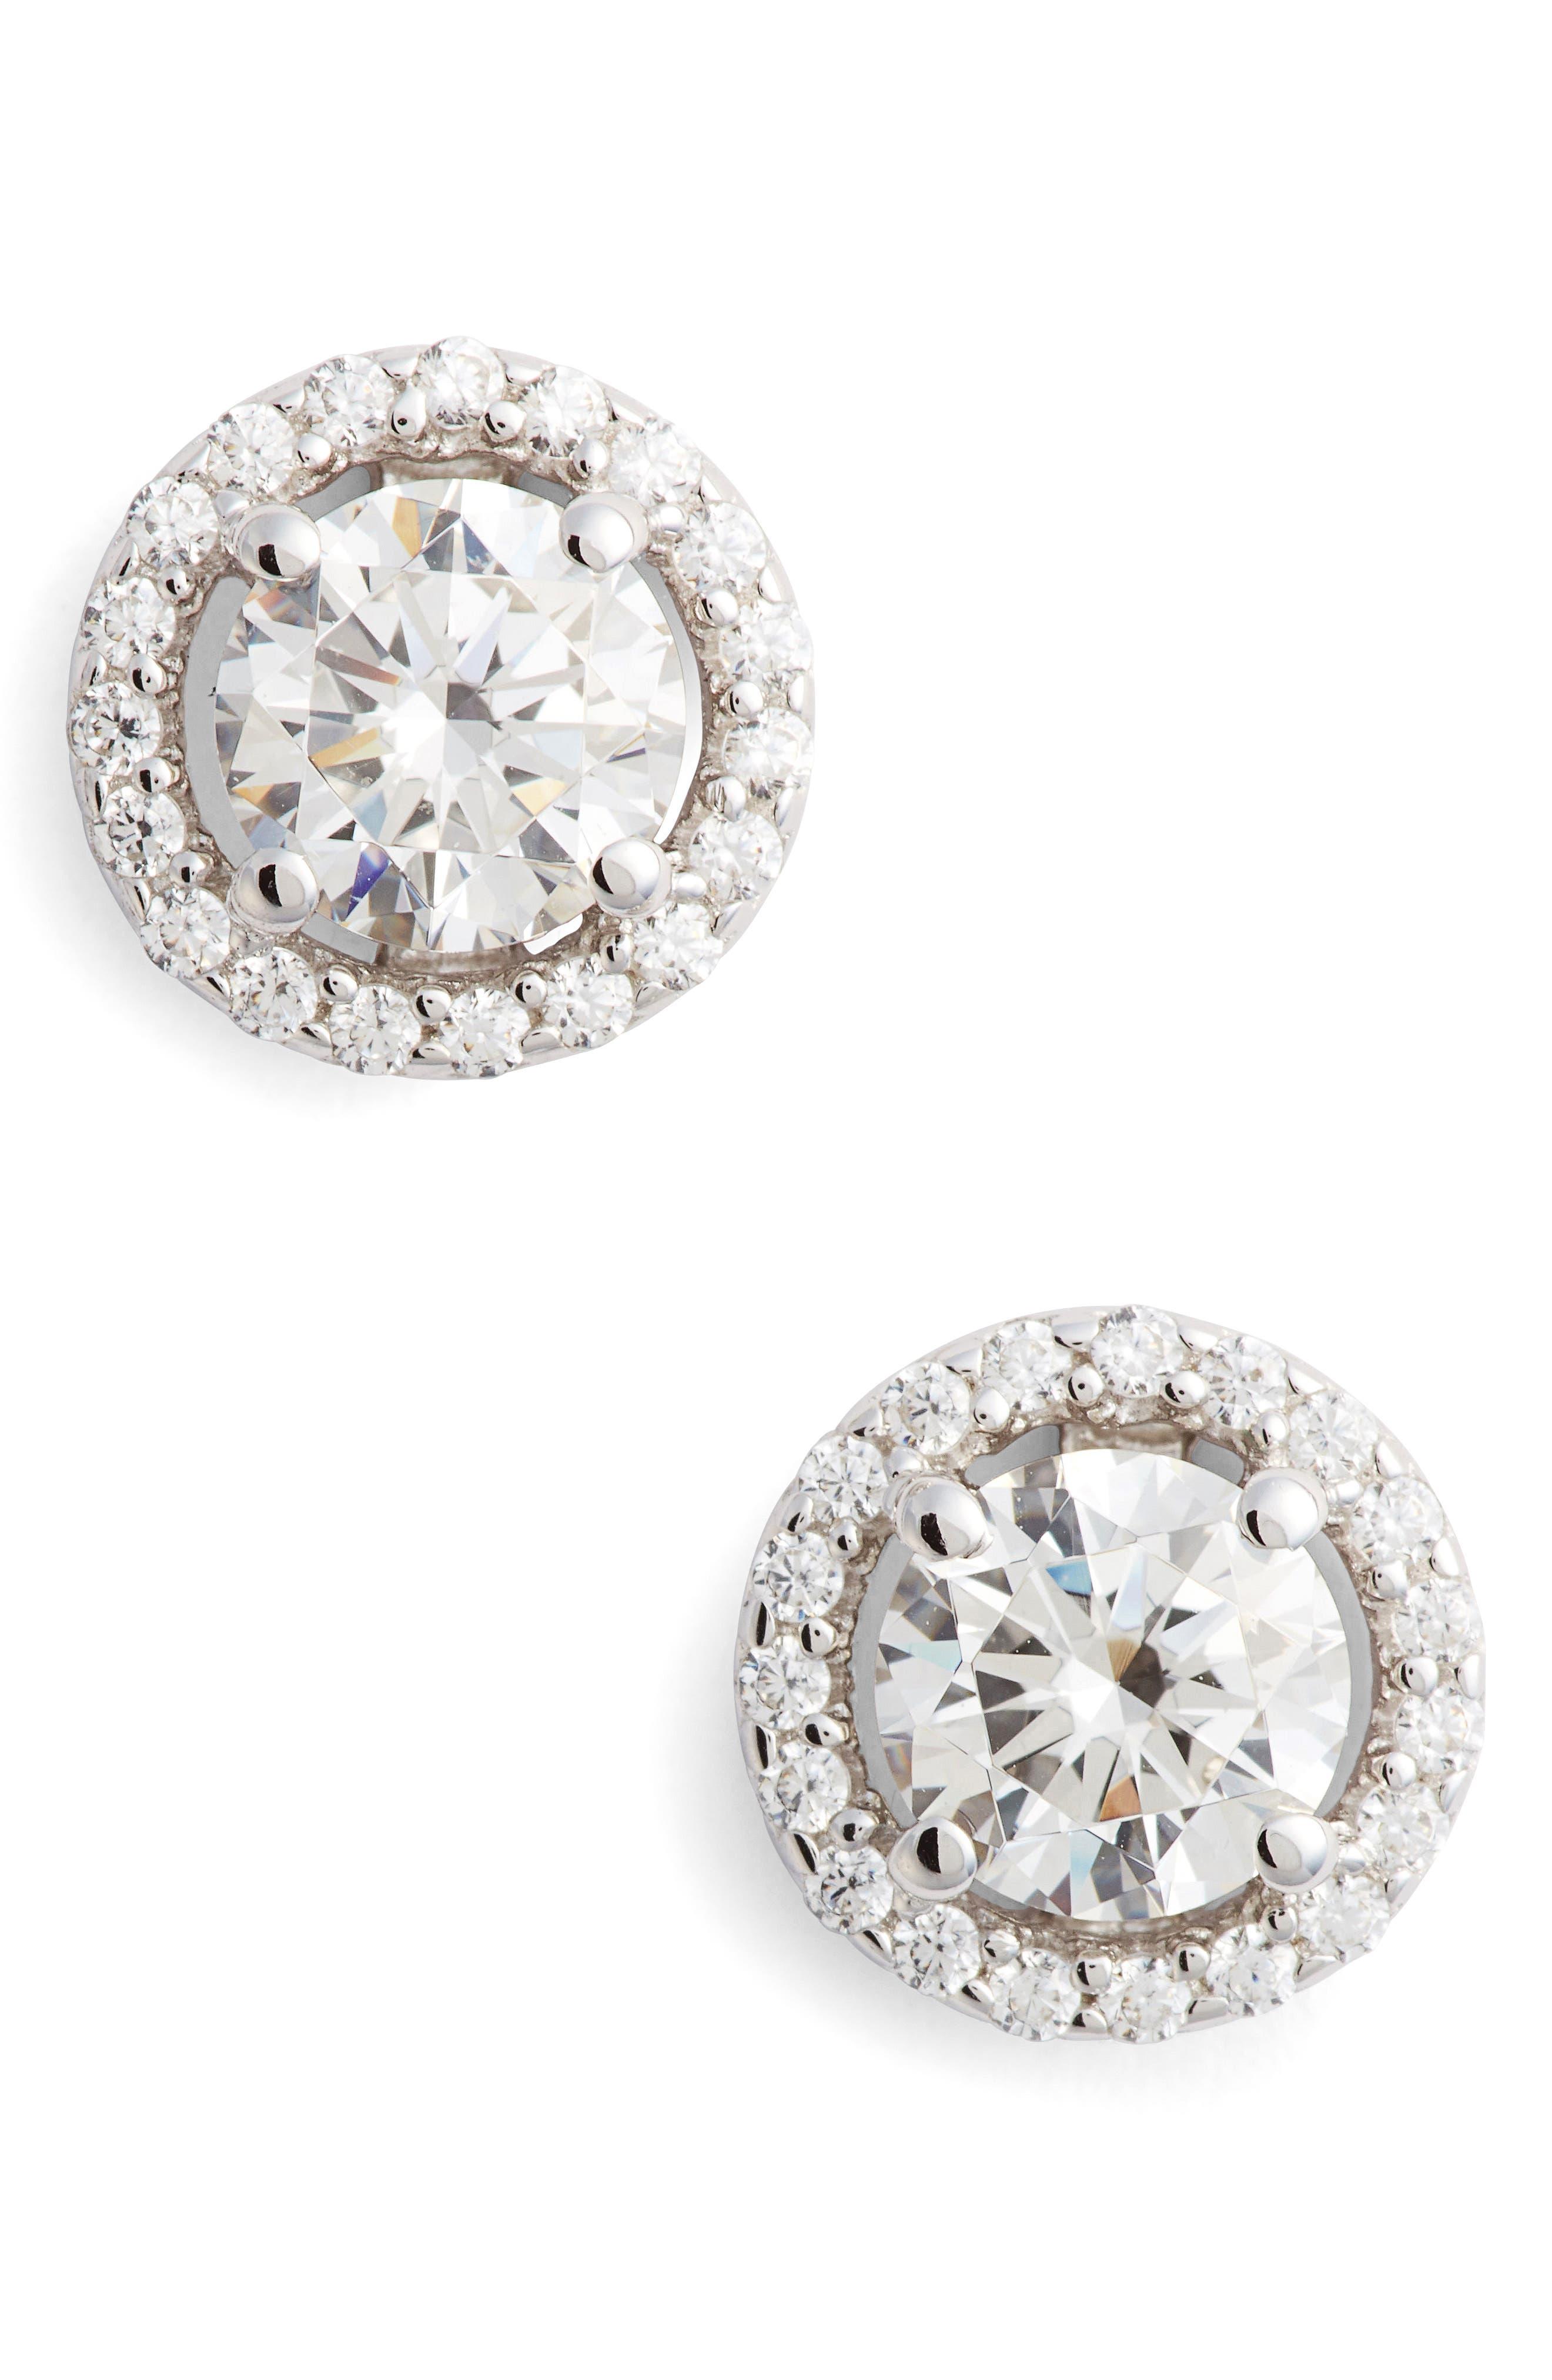 Alternate Image 1 Selected - Lafonn Simulated Diamond Stud Earrings